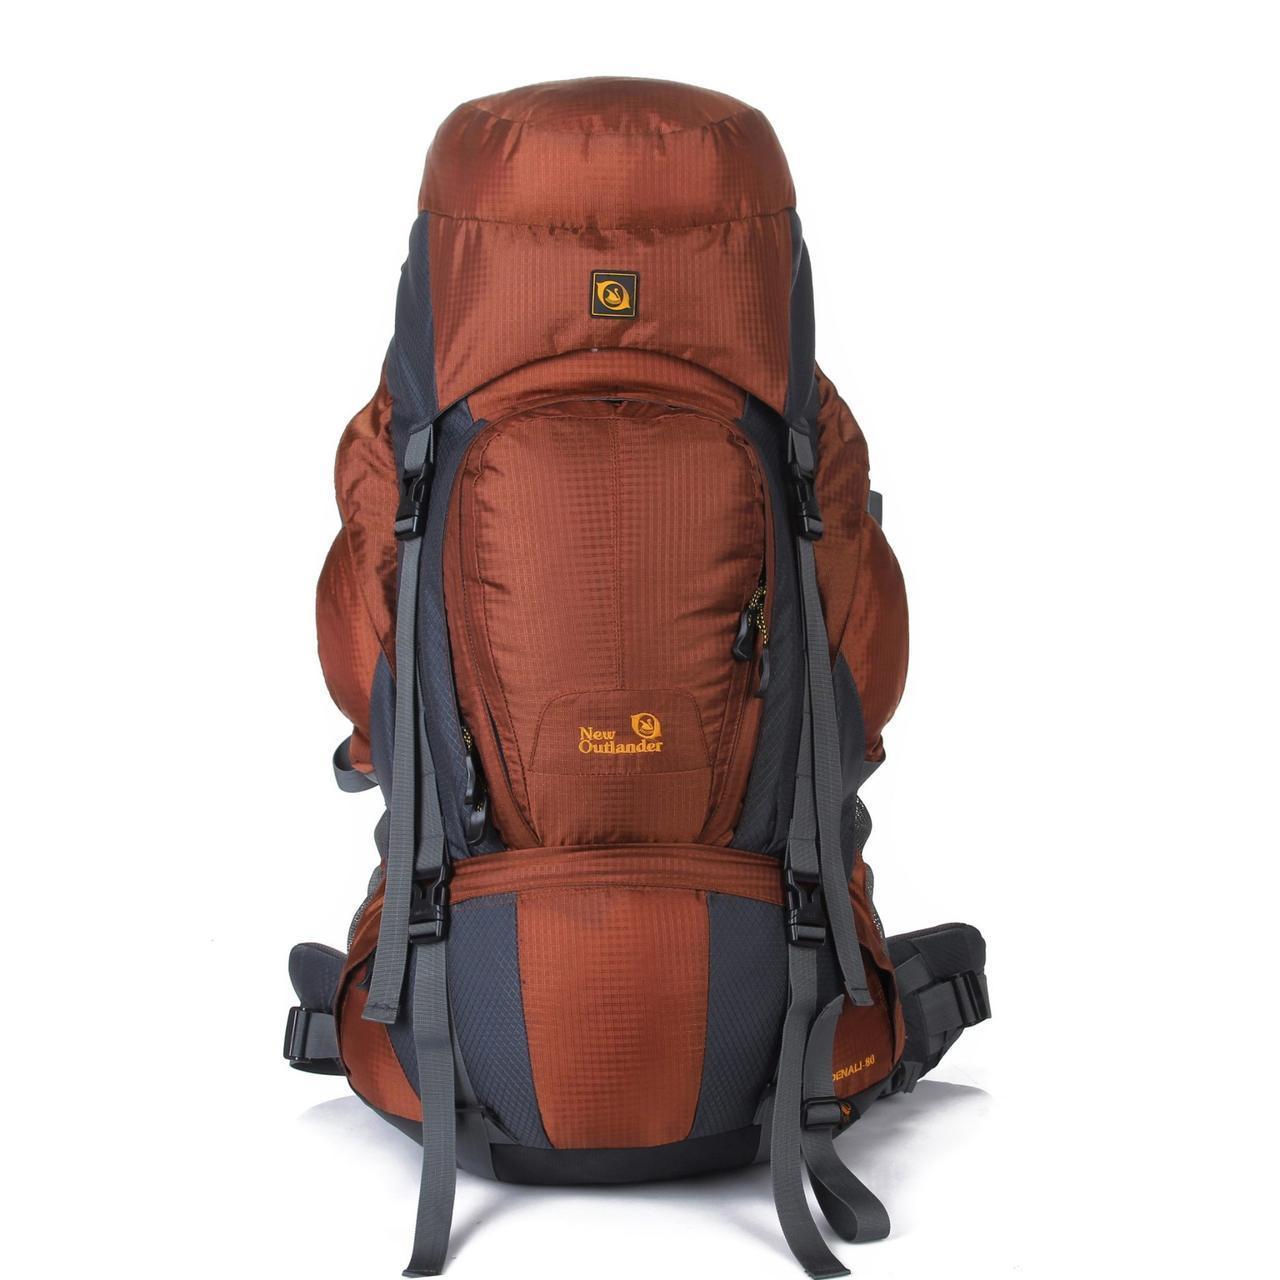 Рюкзак для походов и экспедиций 90 л New Outlander  коричневый (AV 2016)